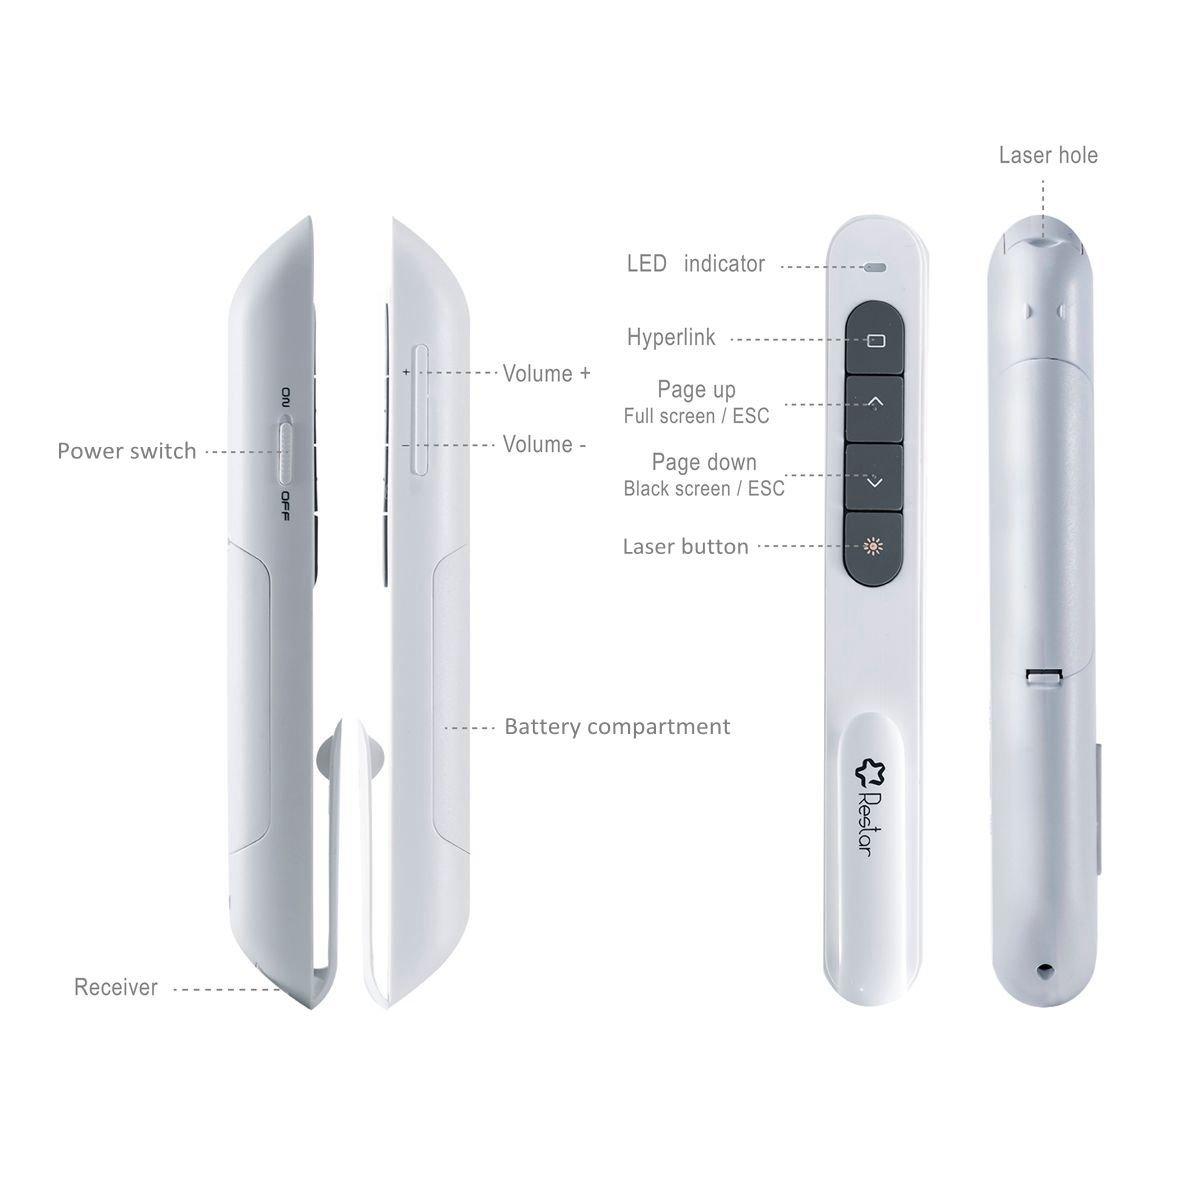 Wireless Laser Presenter, Restar 2.4GHz Wireless USB PowerPoint Presentation Remote Control Pointer Clicker Presenter Laser Flip Pen with Clip (White) by Restar Laser Pointer (Image #3)